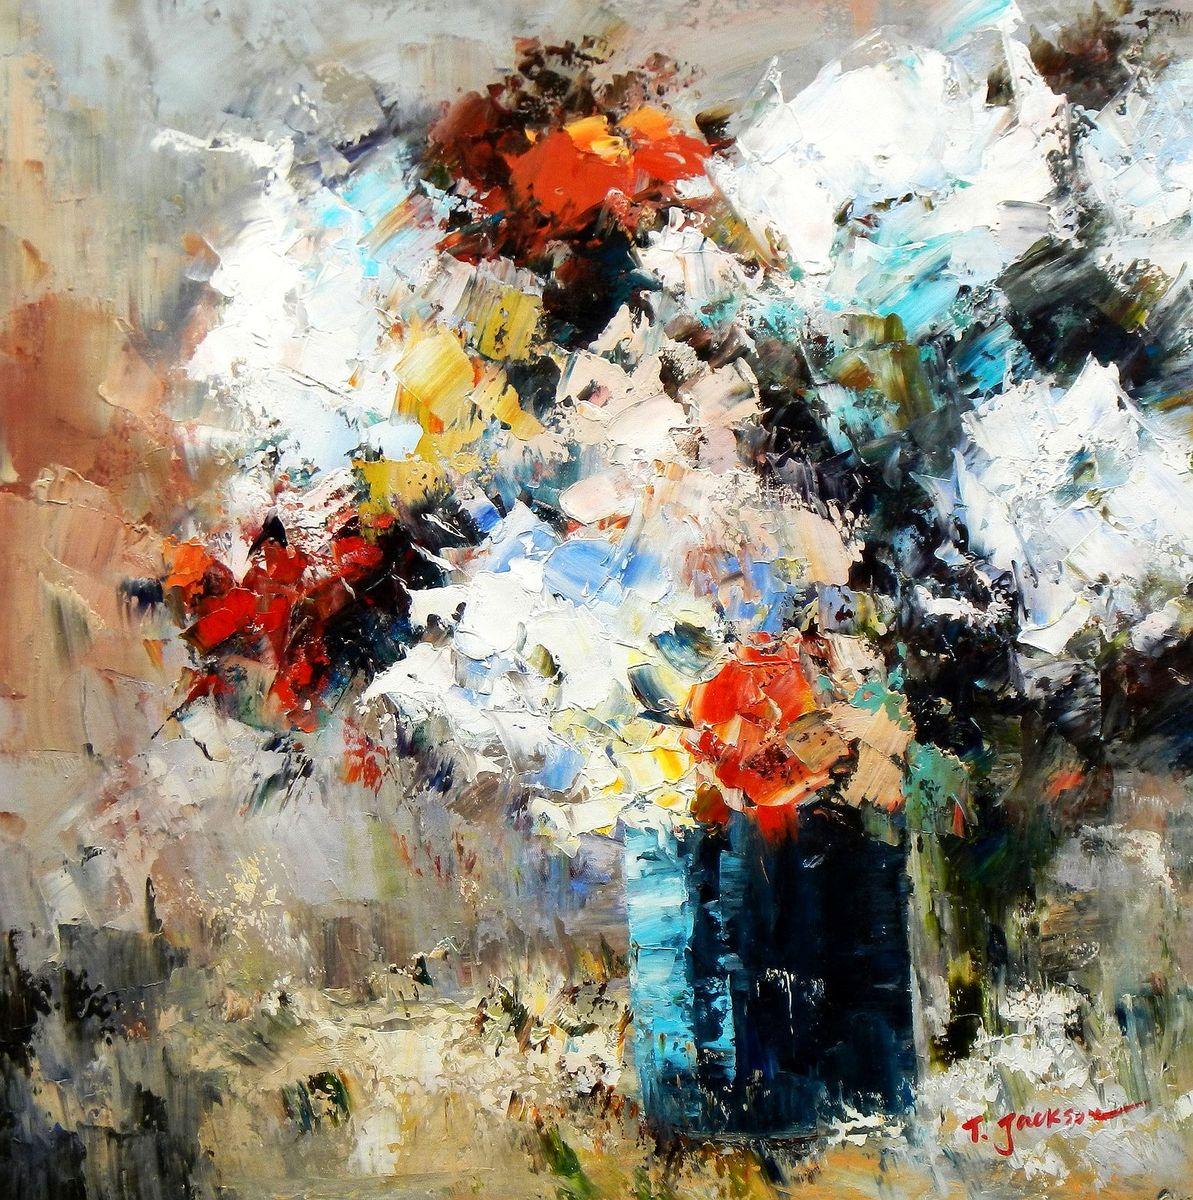 Modern Abstrakt - Vase mit bunten Blumen g96826 80x80cm abstraktes Ölbild handgemalt